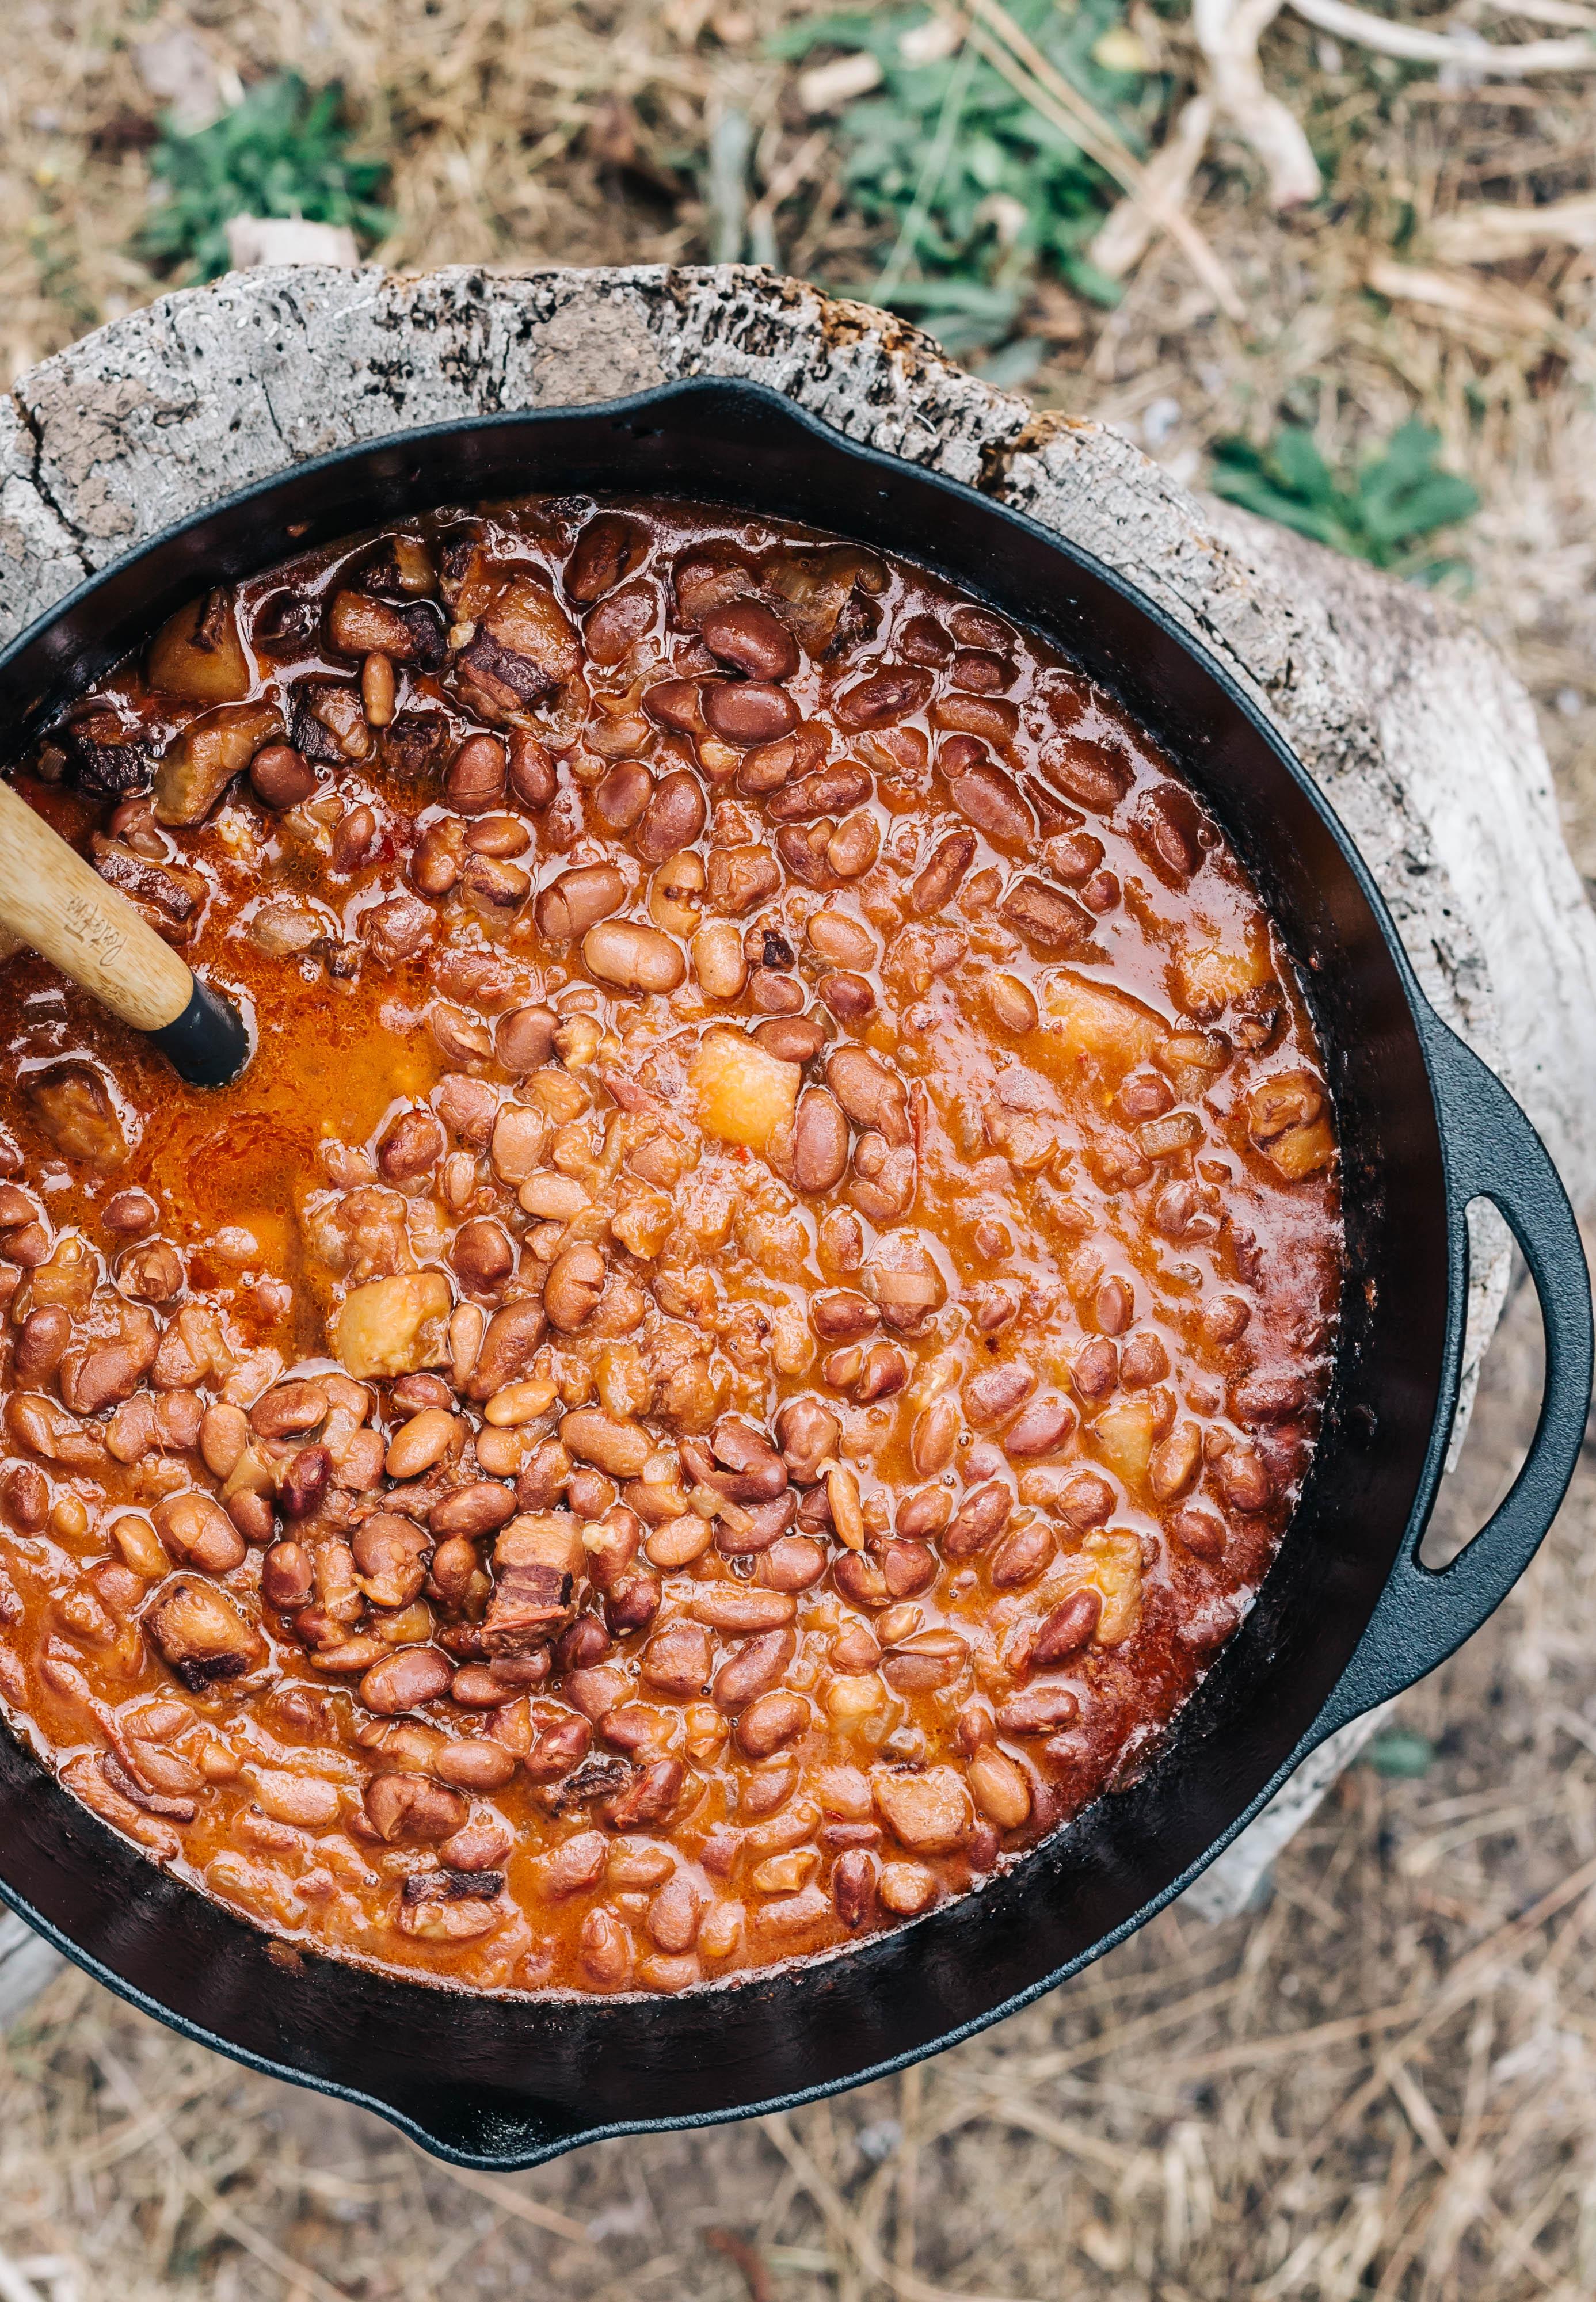 A Beans